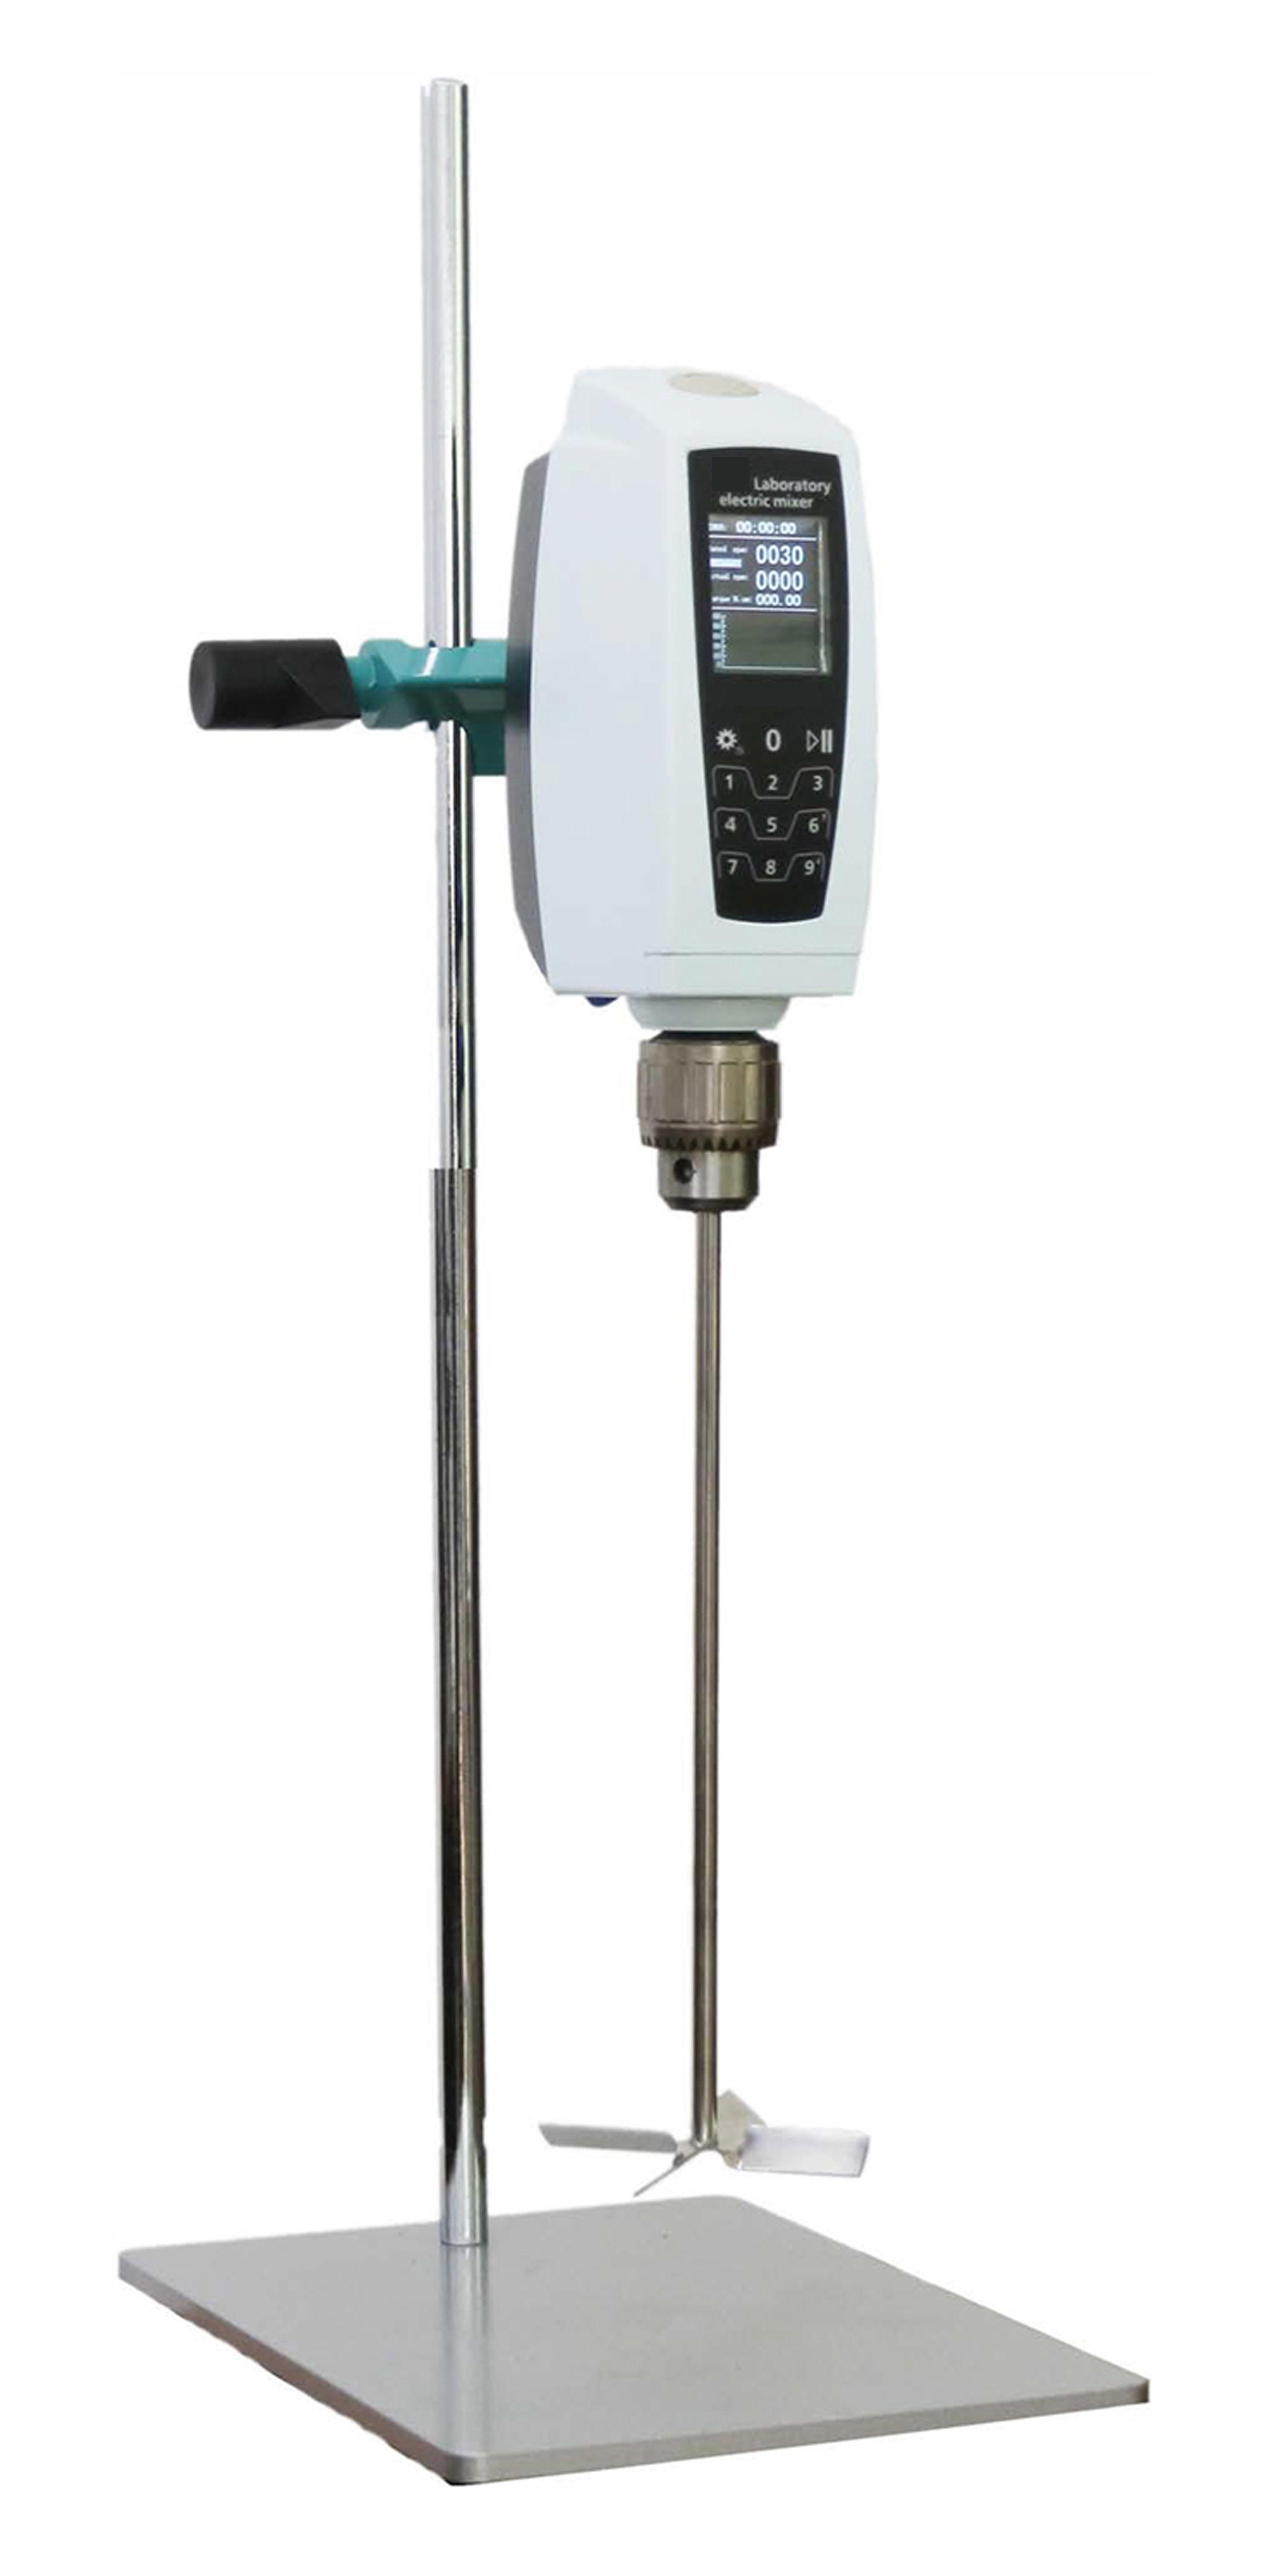 智能版触摸屏悬臂式搅拌器.扭矩显示搅拌器 欧之星YK400-PLUS